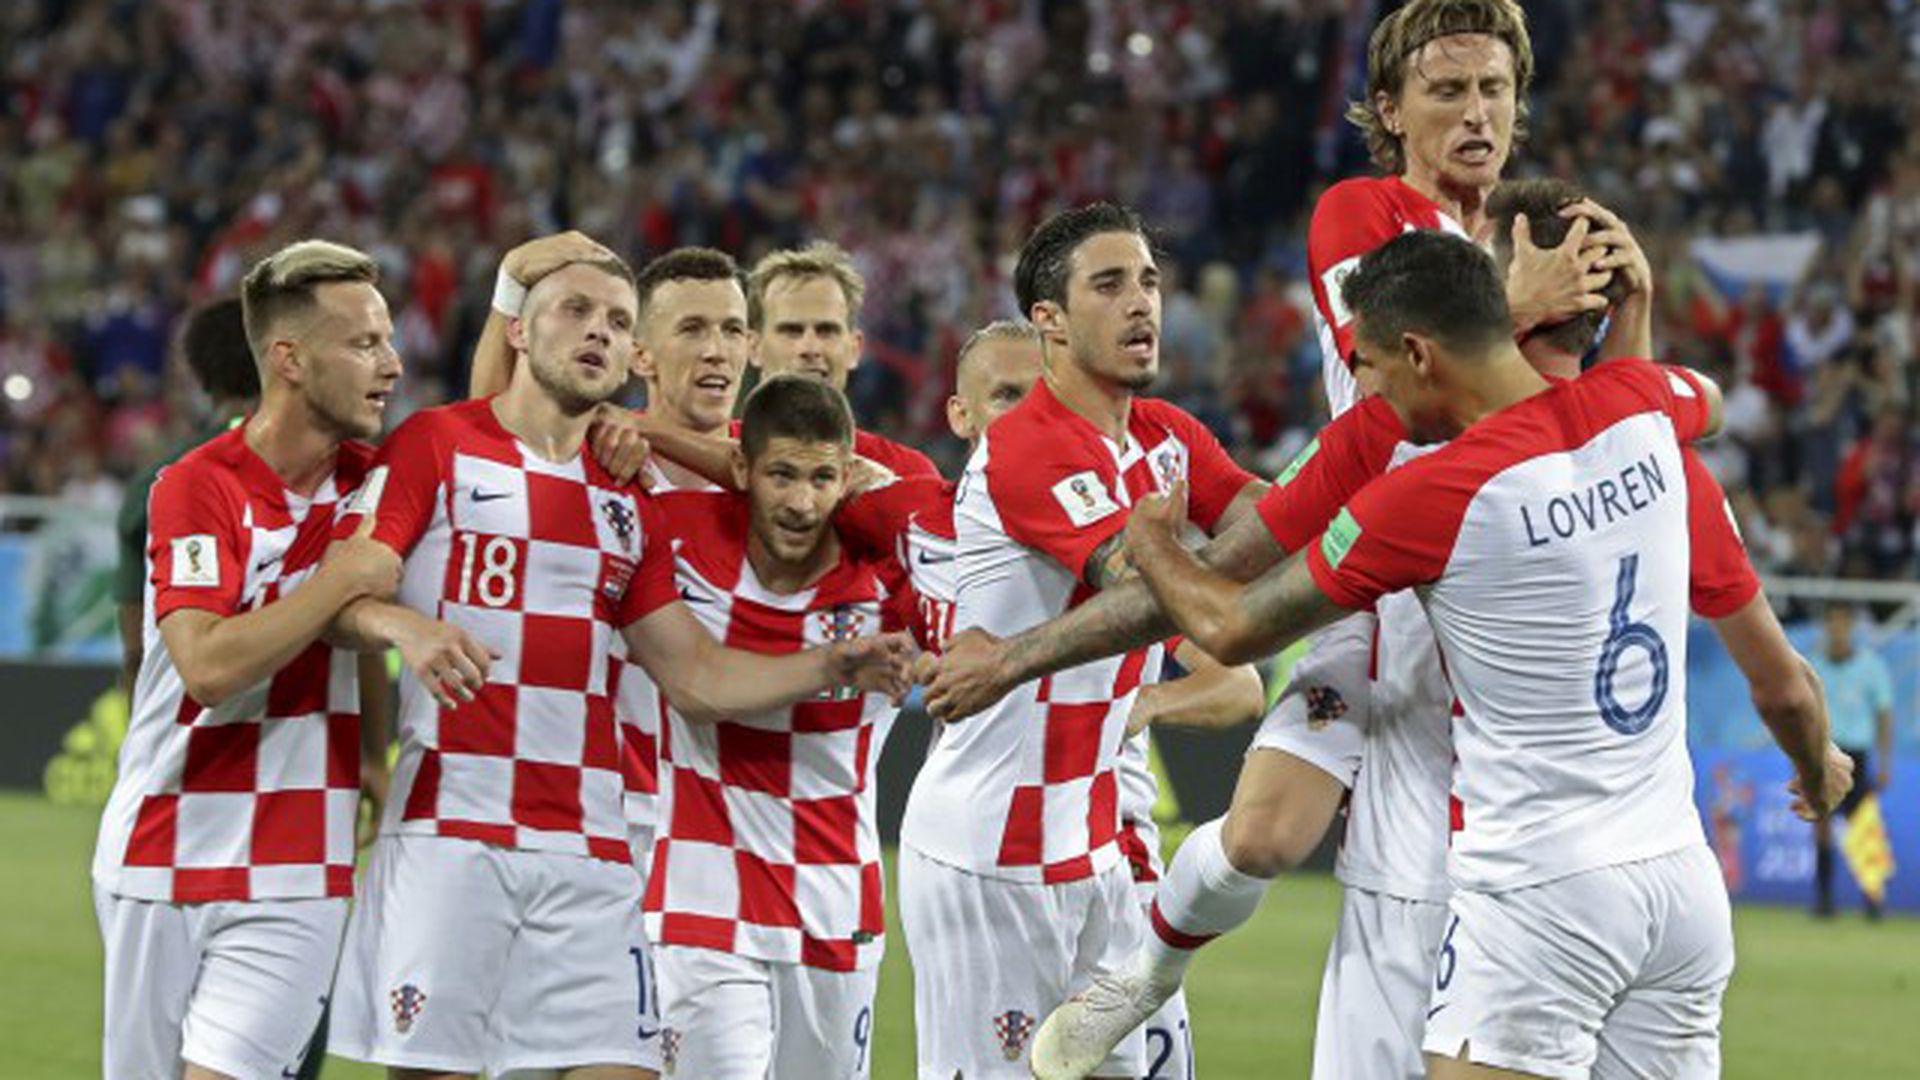 Сборная Хорватии в домашней экипировке 2018 года